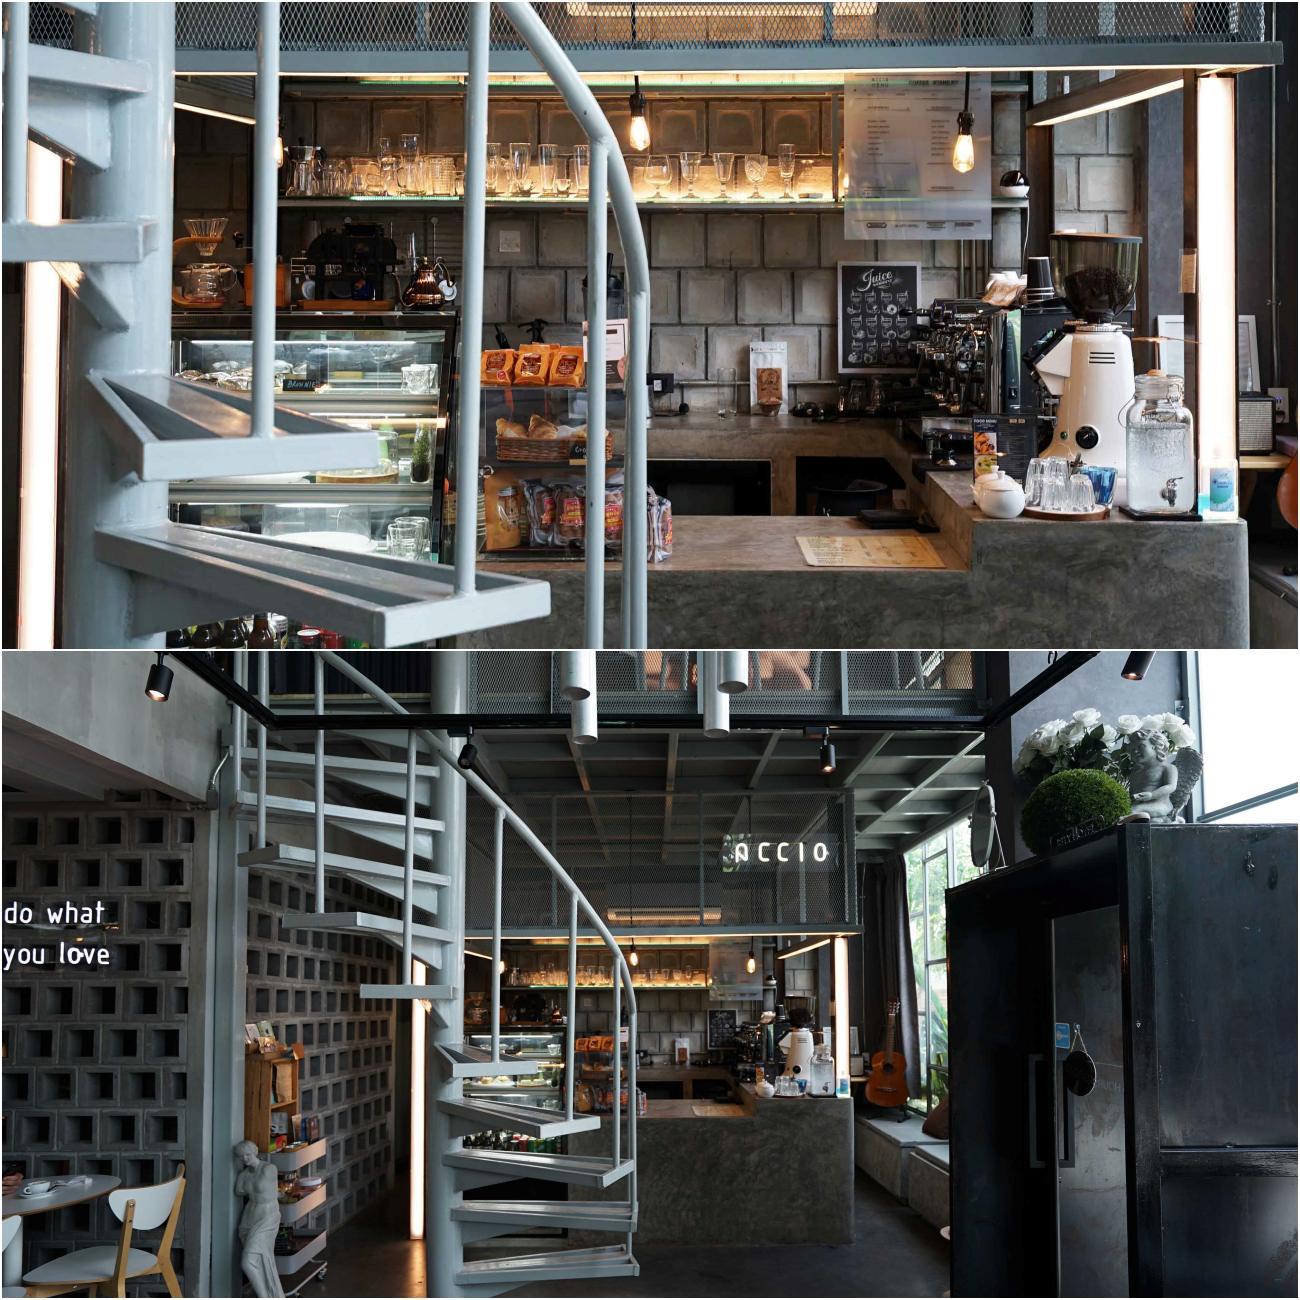 accio cafe ร้านมีพื้นที่กว้างโล่งโปร่งน่านั่ง บรรยากาศดียย์เหมาะกับการไปนั่งทำงานในวันว่างๆหรือใครที่ชอบเสียงดนตรีเพลงเพราะห้ามพลาด